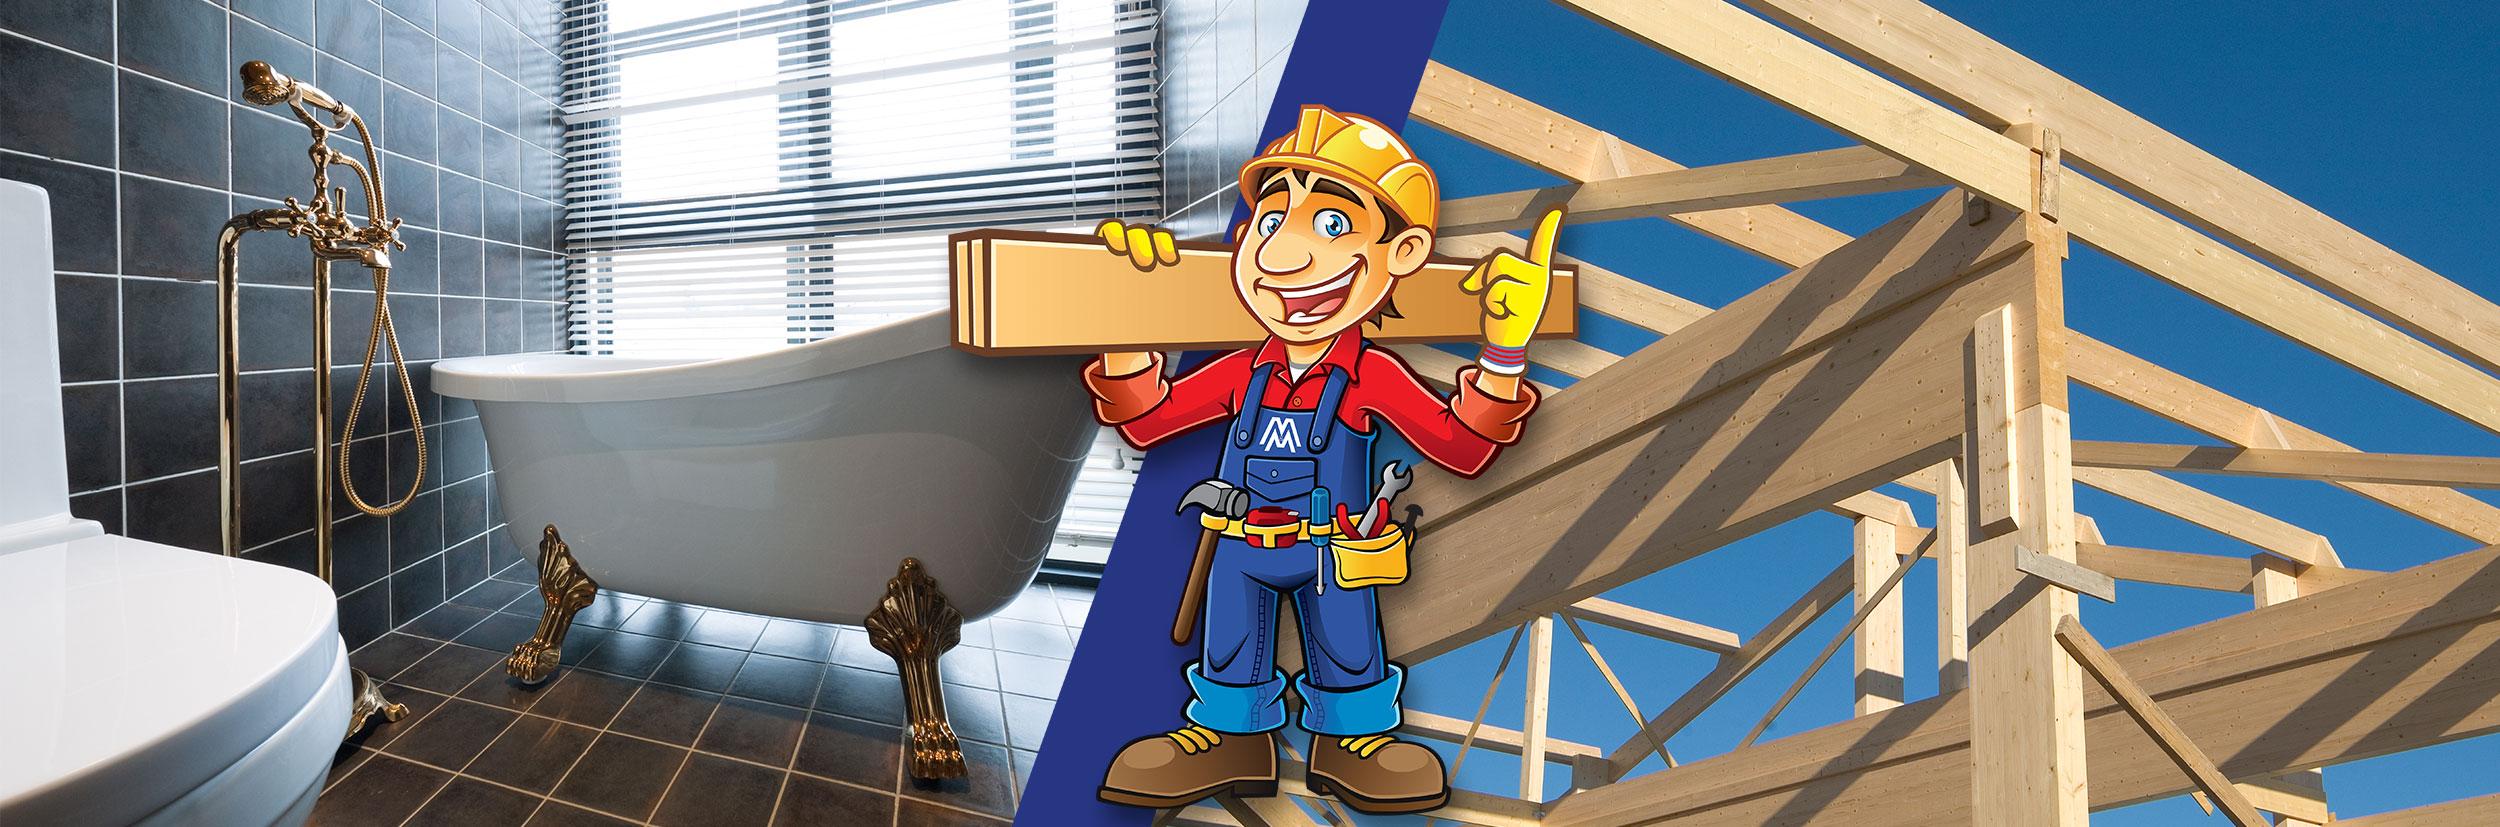 MM-rakennustekniikka-mm-rakennustyot-laatoitustyot-sahkotyot-1